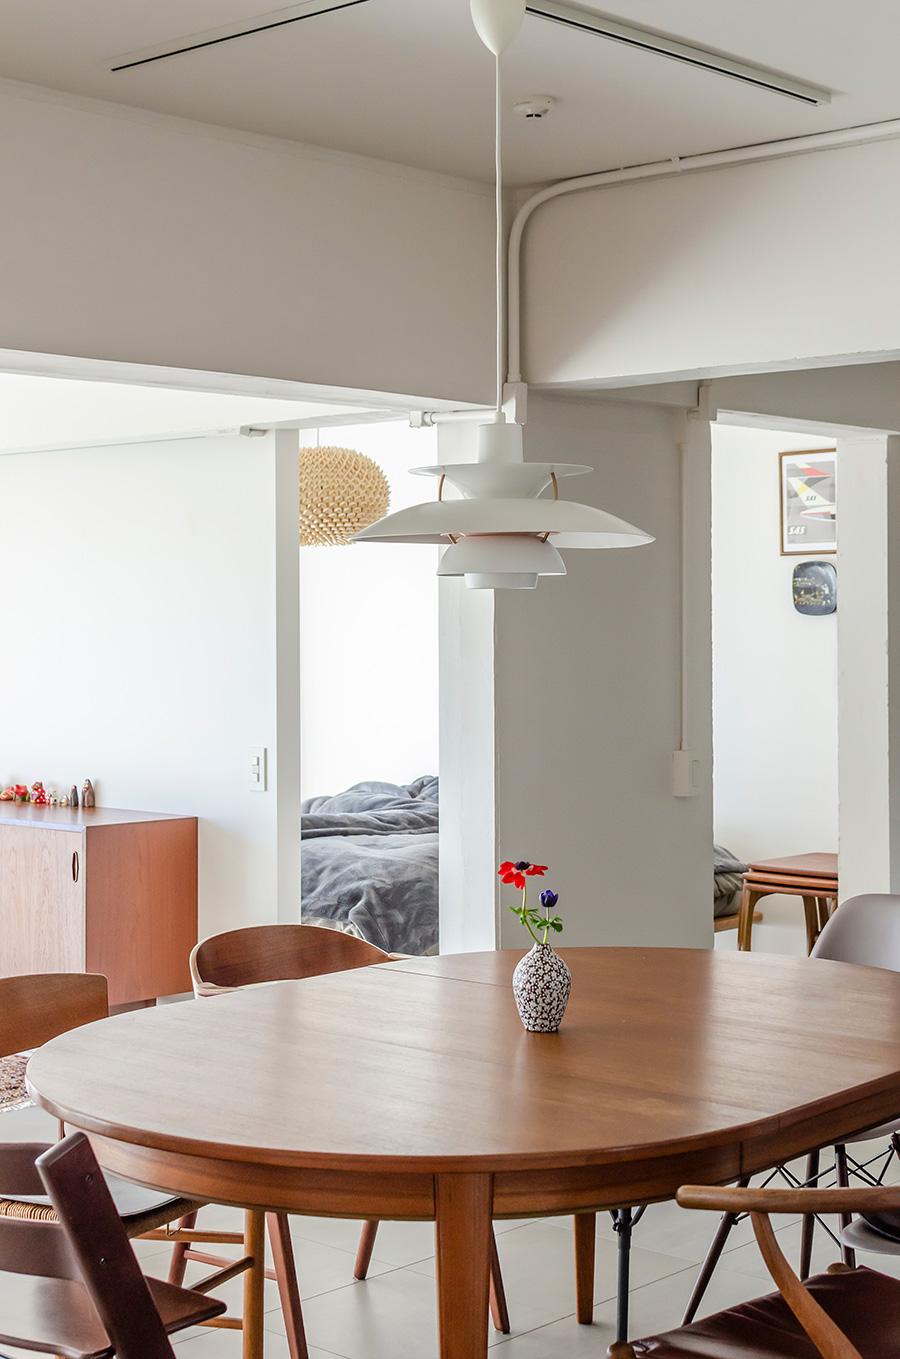 テーブル上のペンダント照明はルイスポールセンの名作PH5。